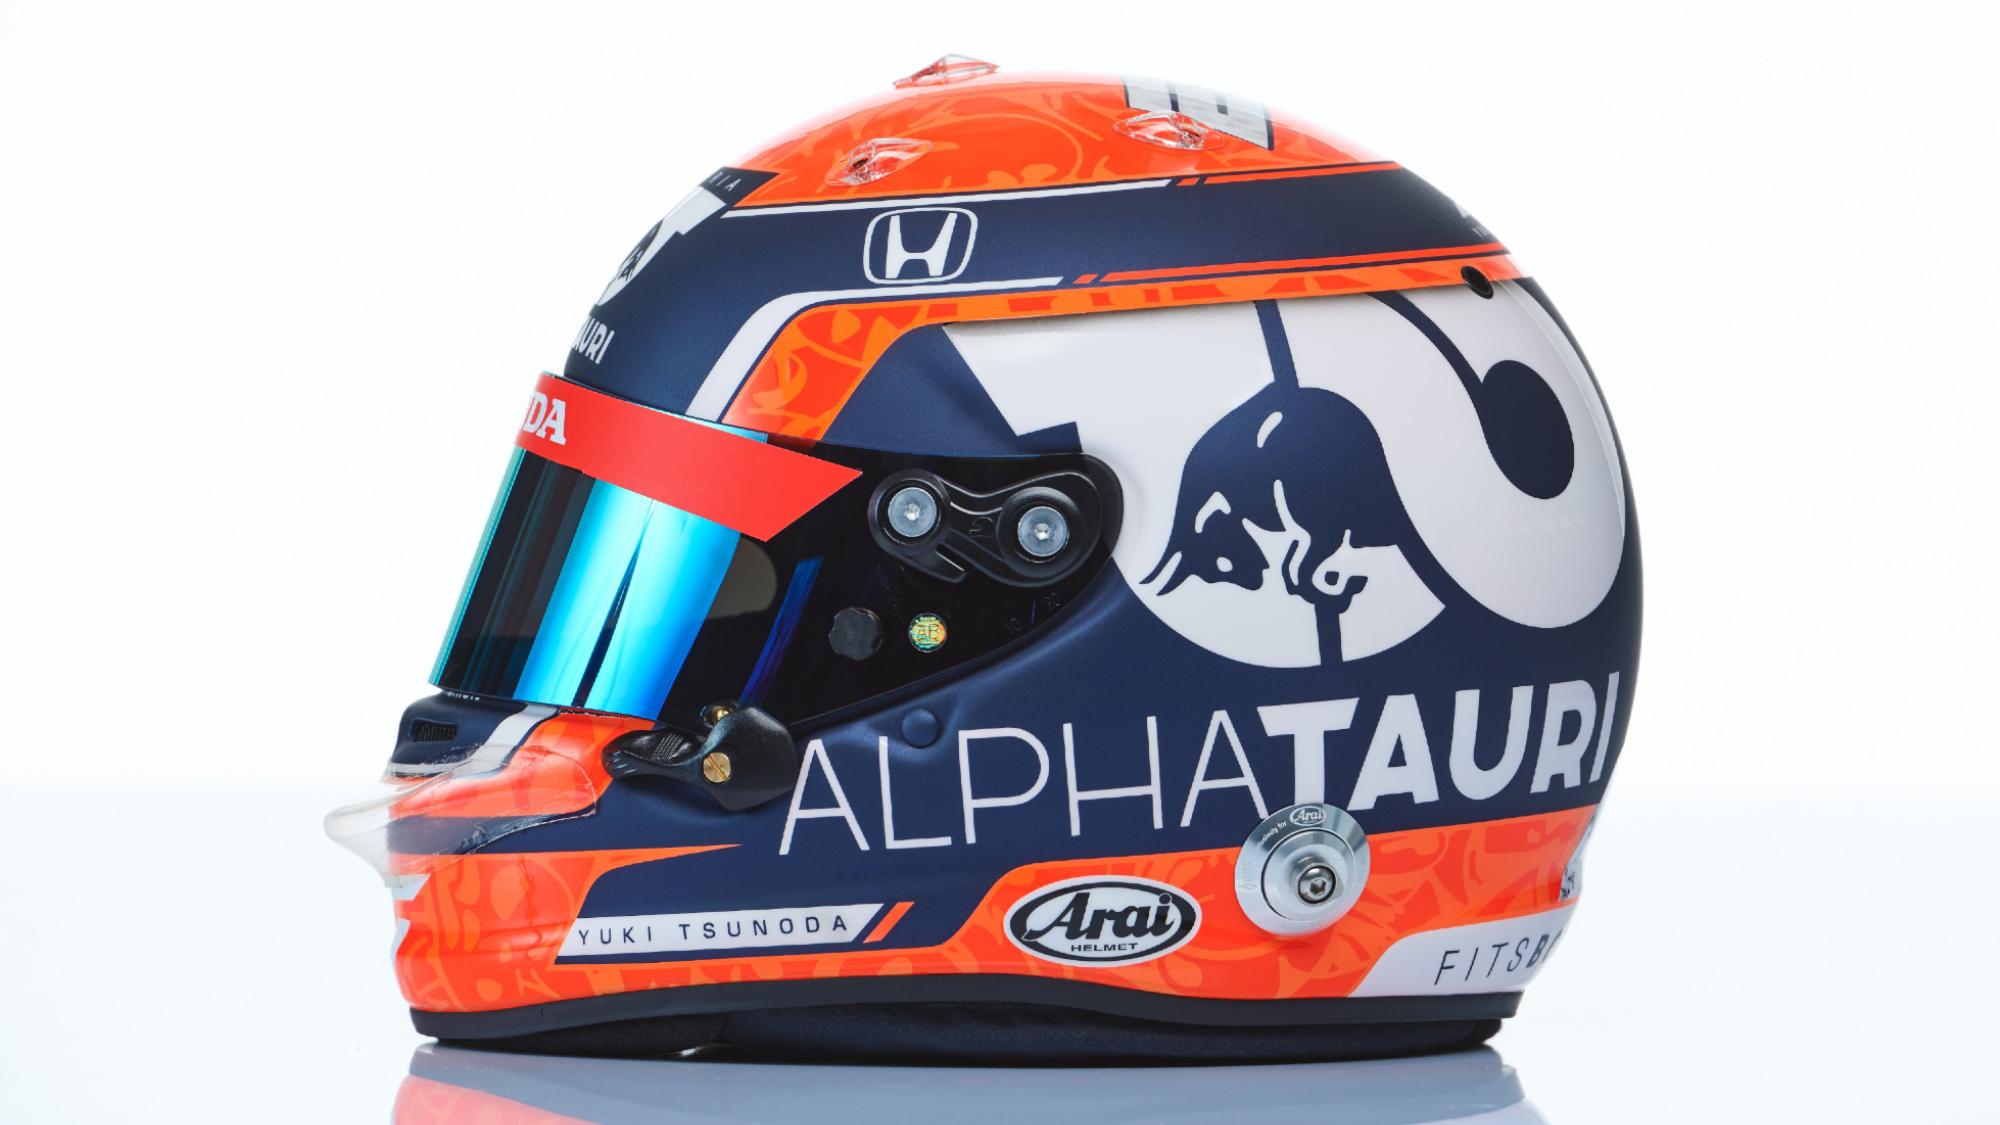 Yuki Tsunoda F1 2021 Helmet